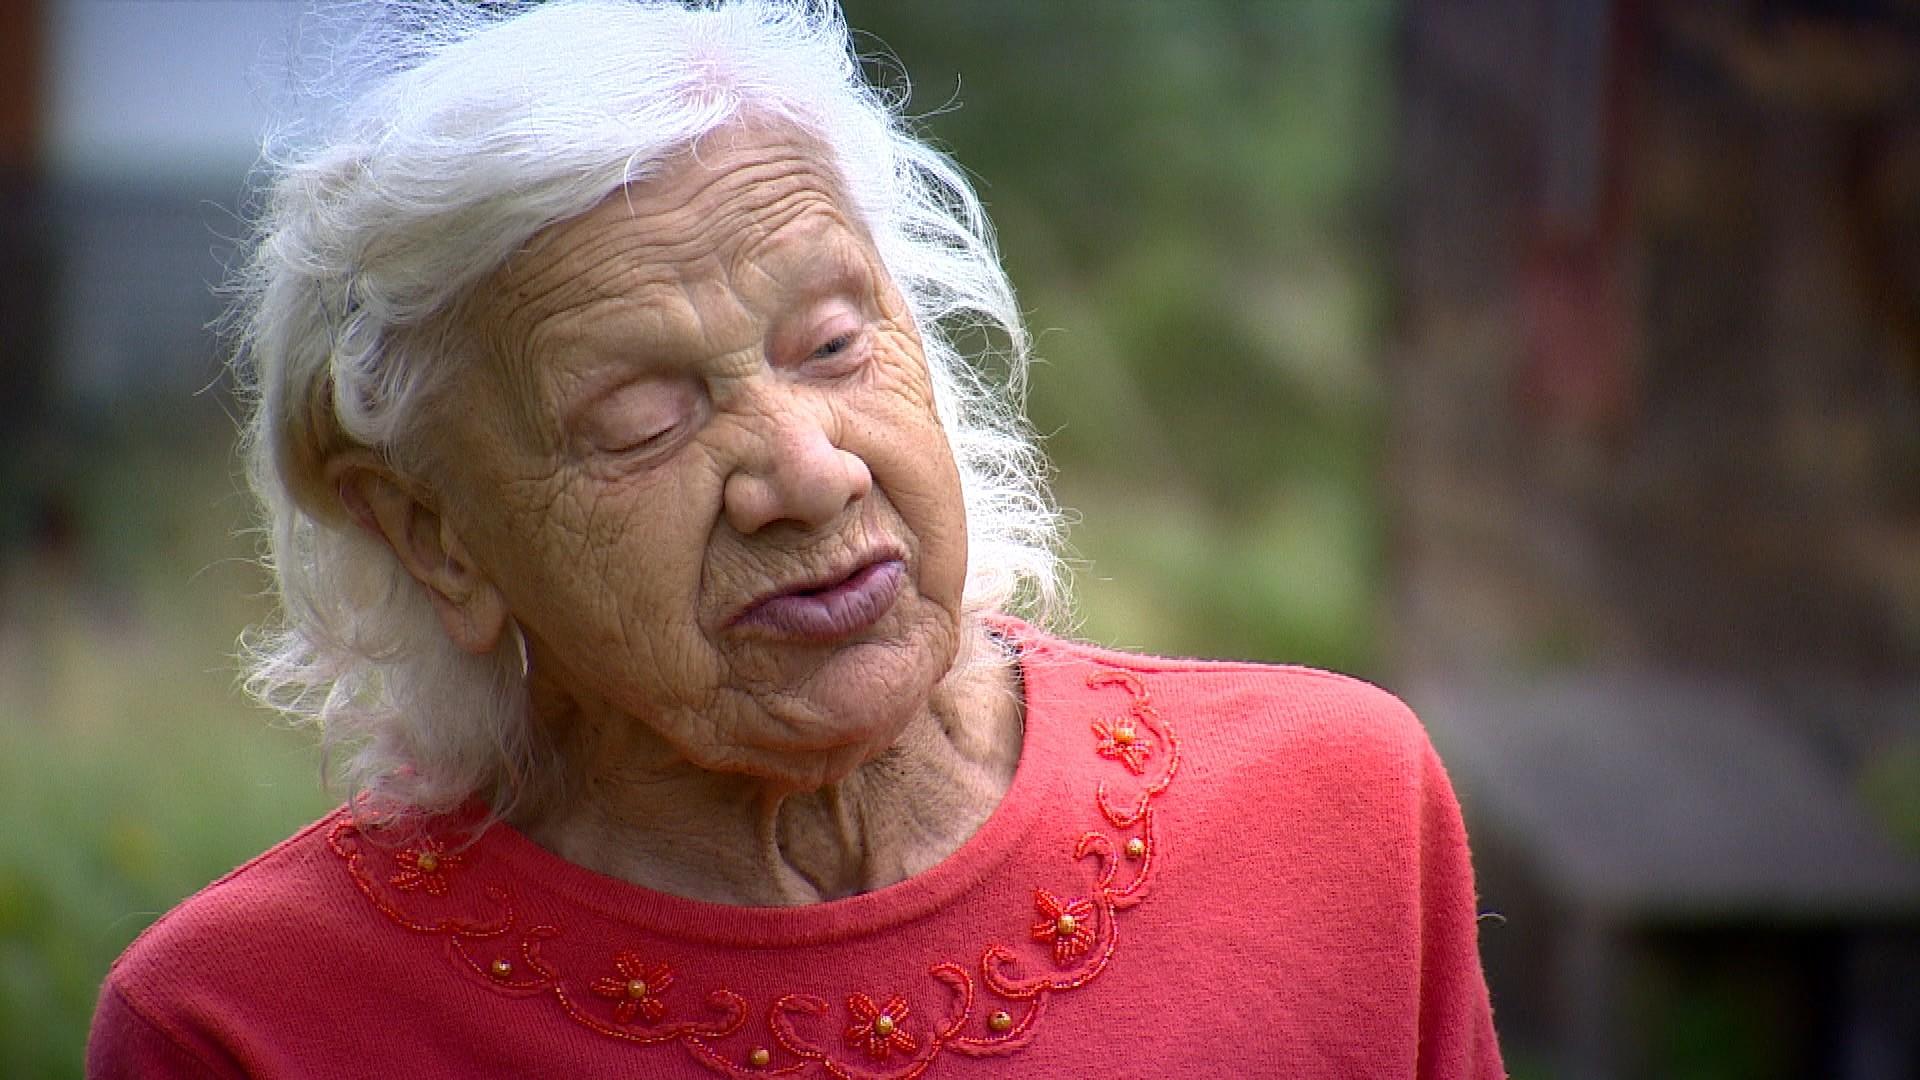 Były wójt chce pozbyć się 82-letniej lokatorki